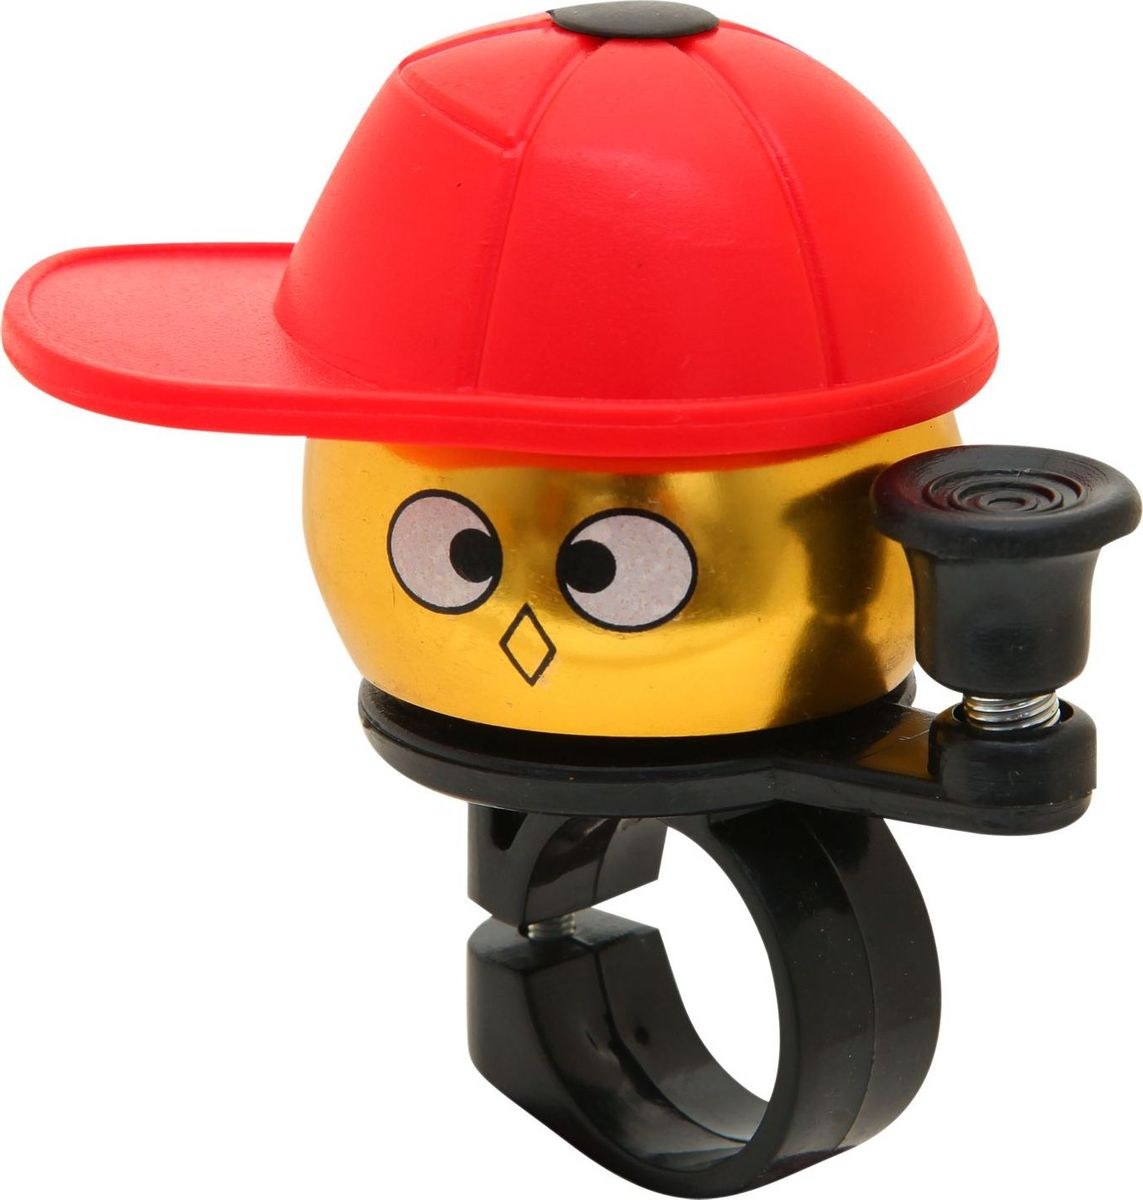 Звонок велосипедный STG Мальчик в кепкеZ90 blackЗвонок для детского велосипеда предупредит пешеходов и других велосипедистов о приближении ребенка, тем самым обеспечит безопасность. Звонок выполнен в виде мальчика в кепке.